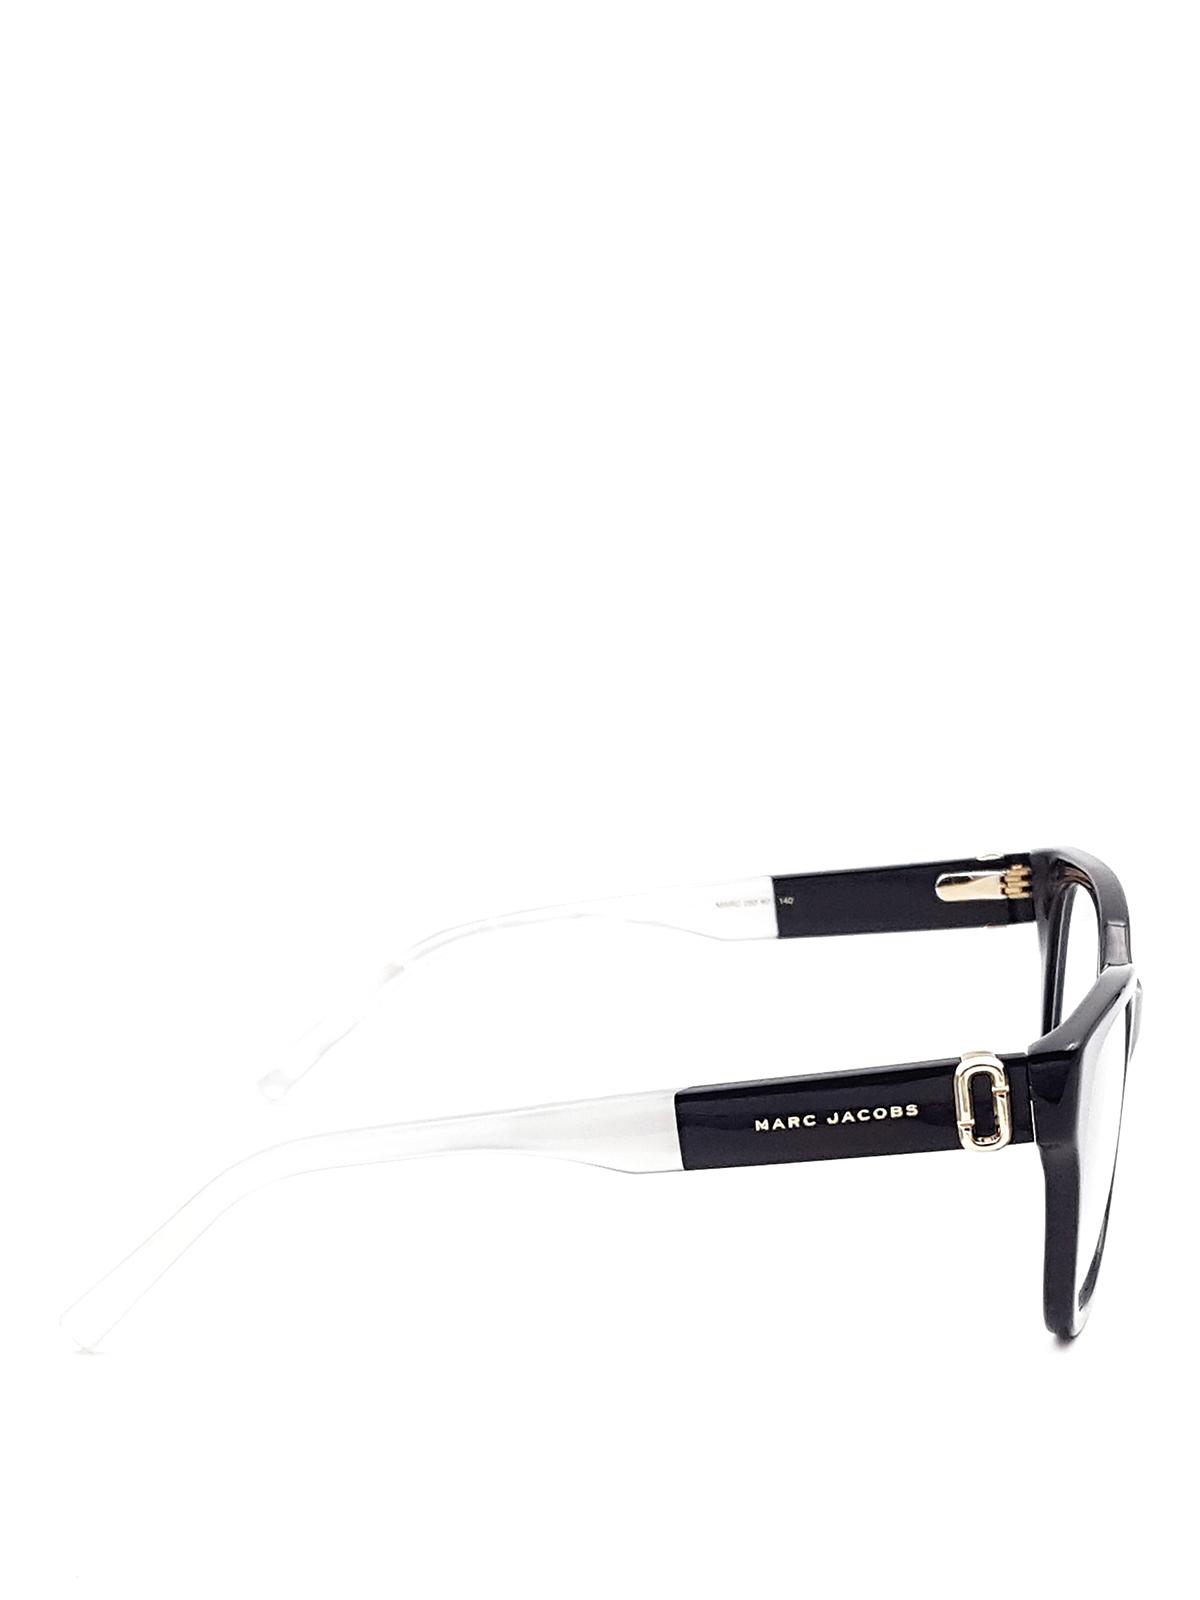 Brillen - Bunt von Marc Jacobs - Brillen | iKRIX